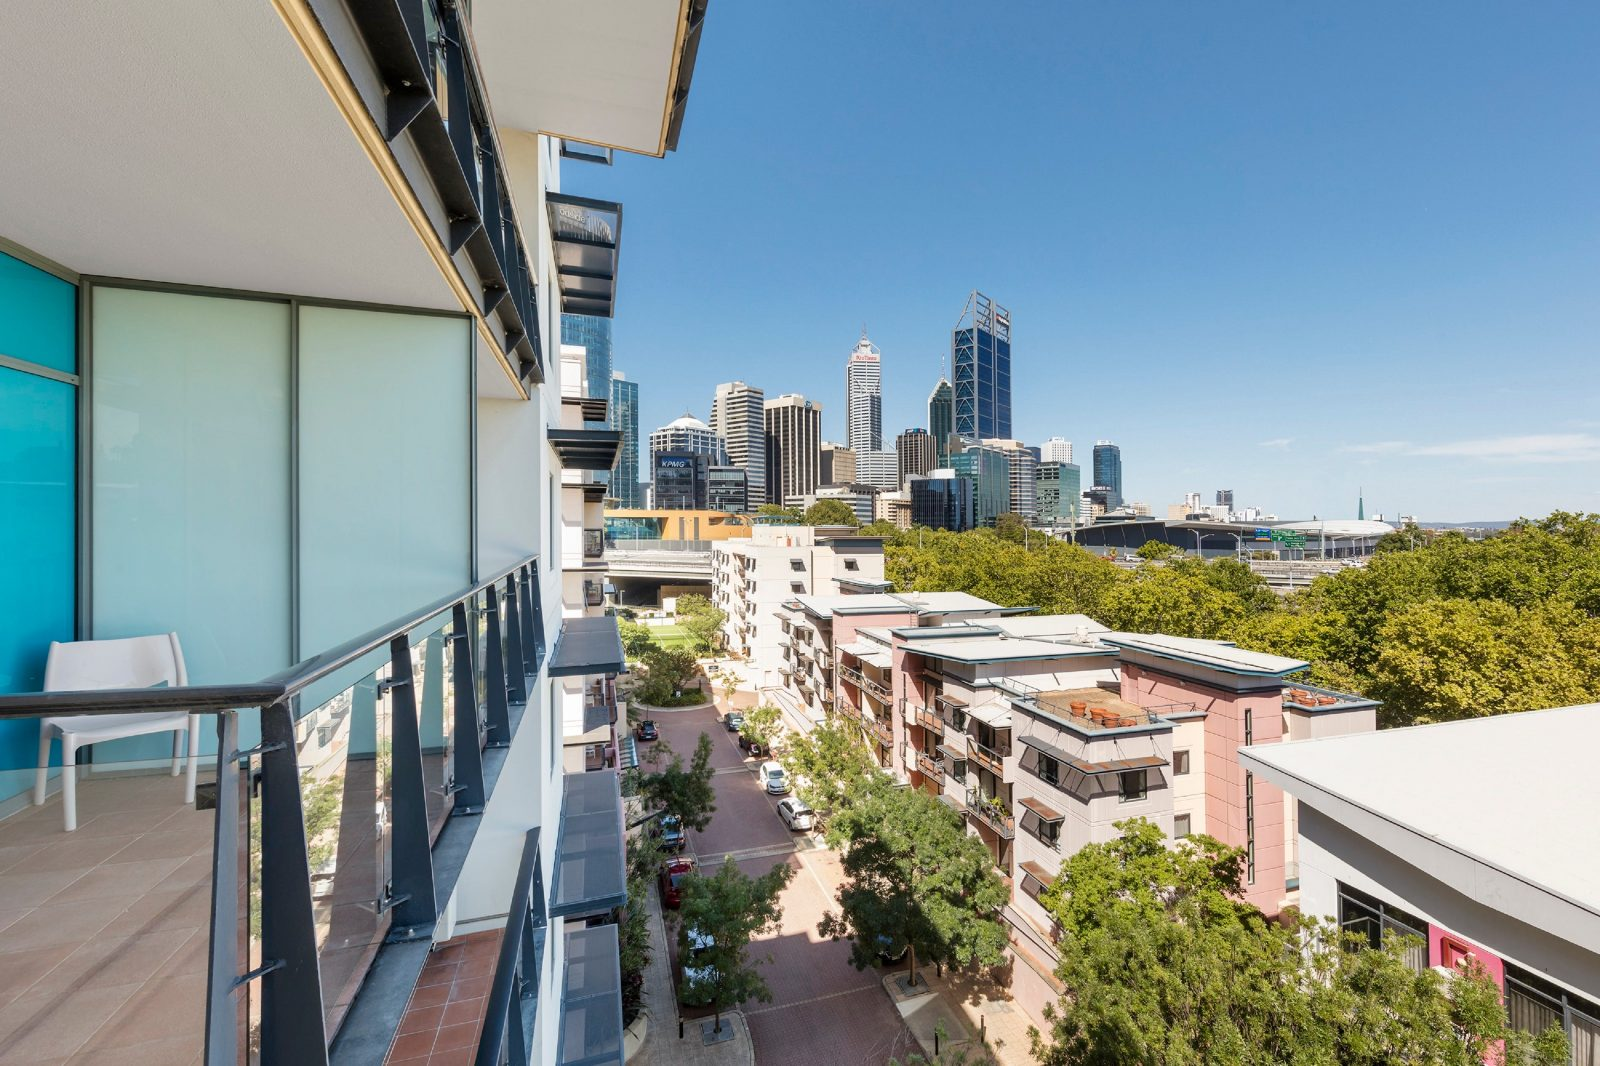 Nesuto Mounts Bay Perth Apartment Hotel, Perth, Western Australia